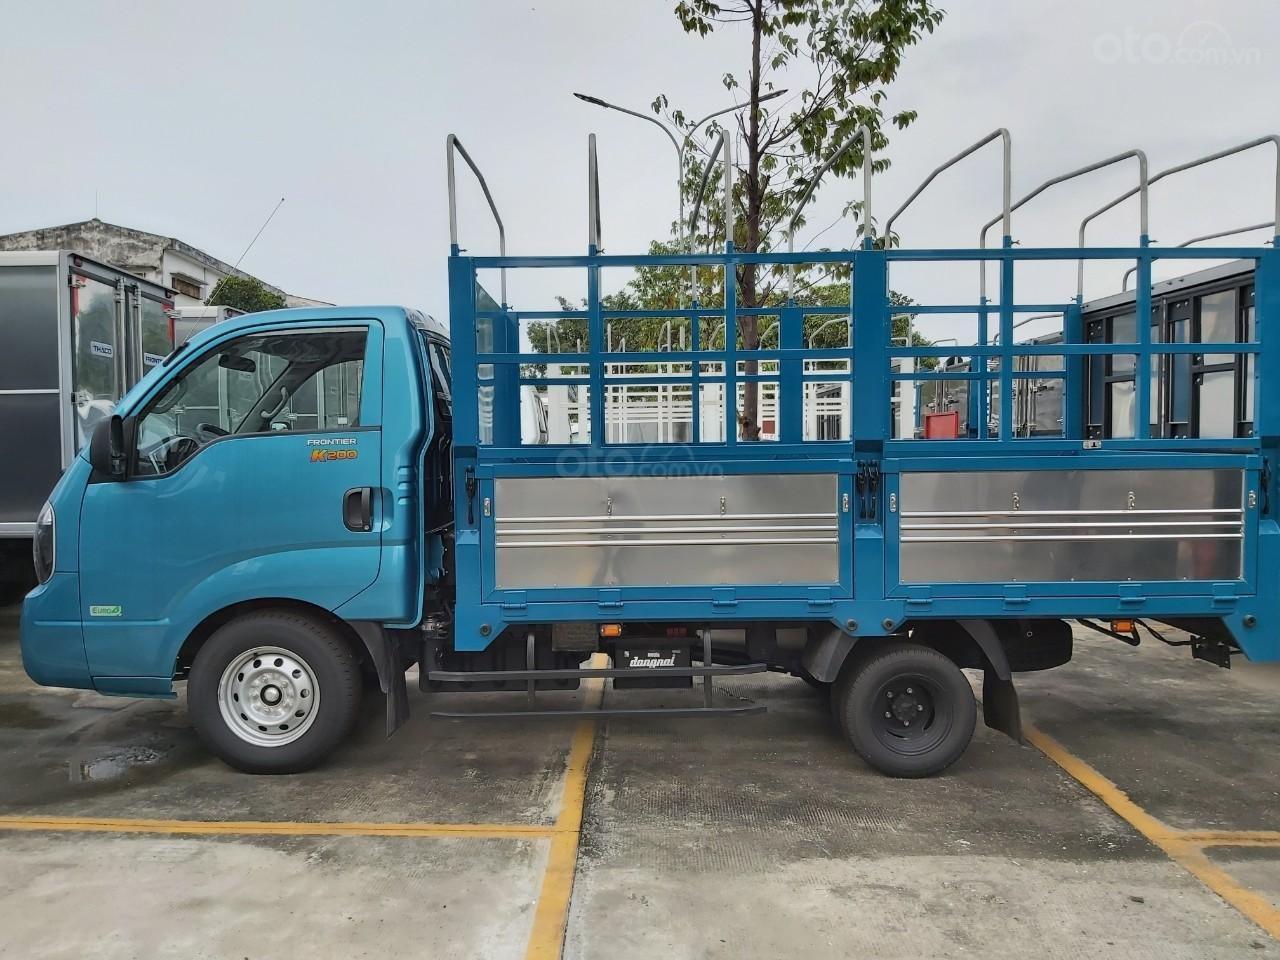 Xe tải Kia Tp Hcm mới nhất tháng 1/2021 (1)